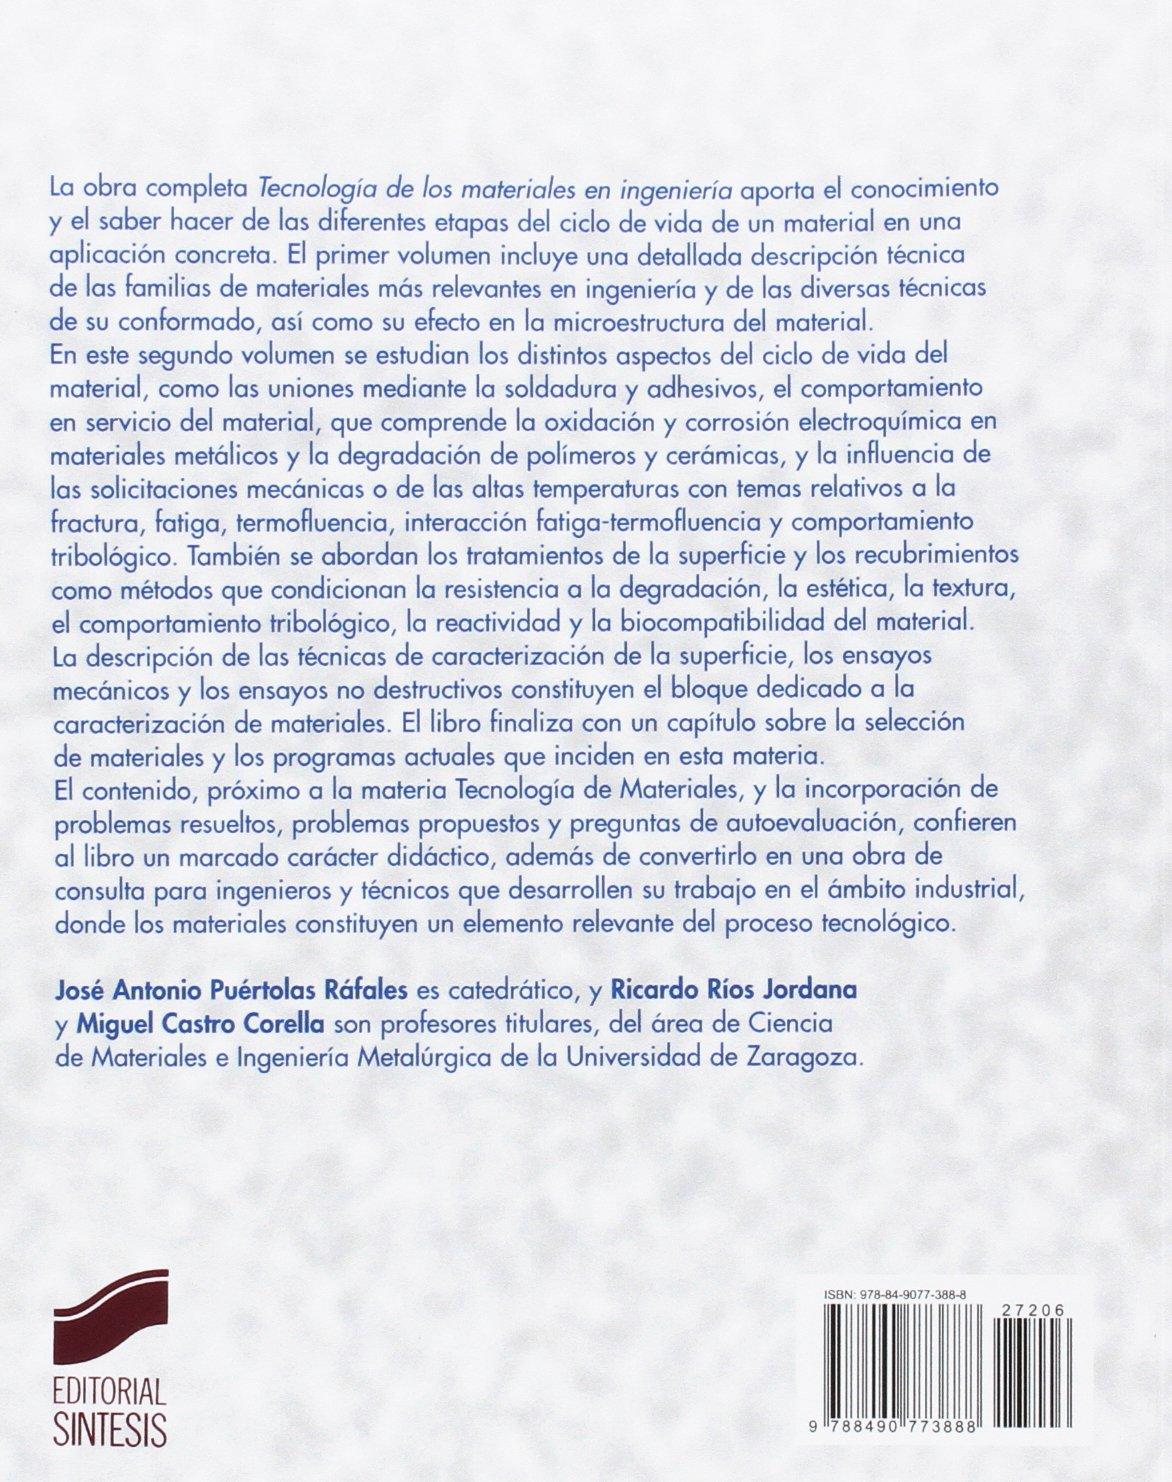 Tecnología de los materiales en ingeniería. Volumen 2 Ingeniería y ciencia: Amazon.es: José Antonio/Ríos, Ricardo/Castro, Miguel Puértolas: Libros